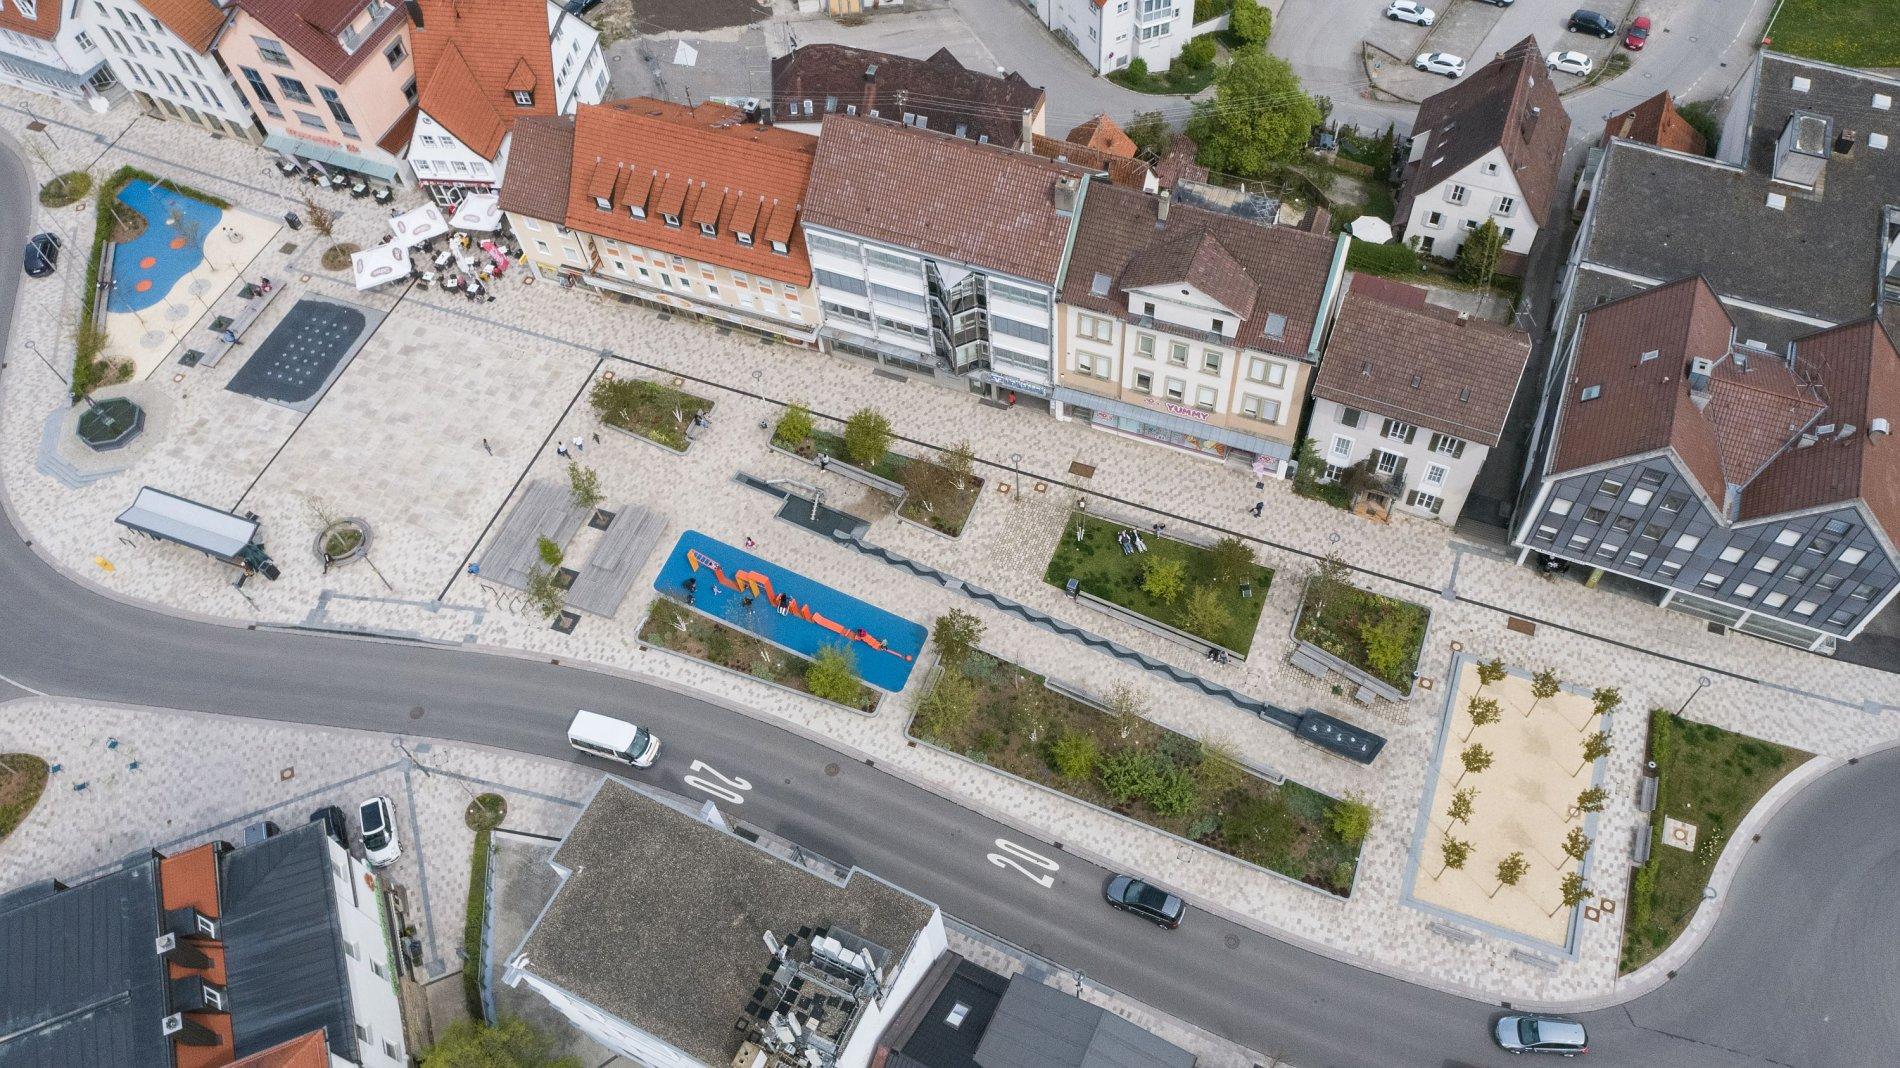 Luftbild Obertorplatz Hechingen März 2021